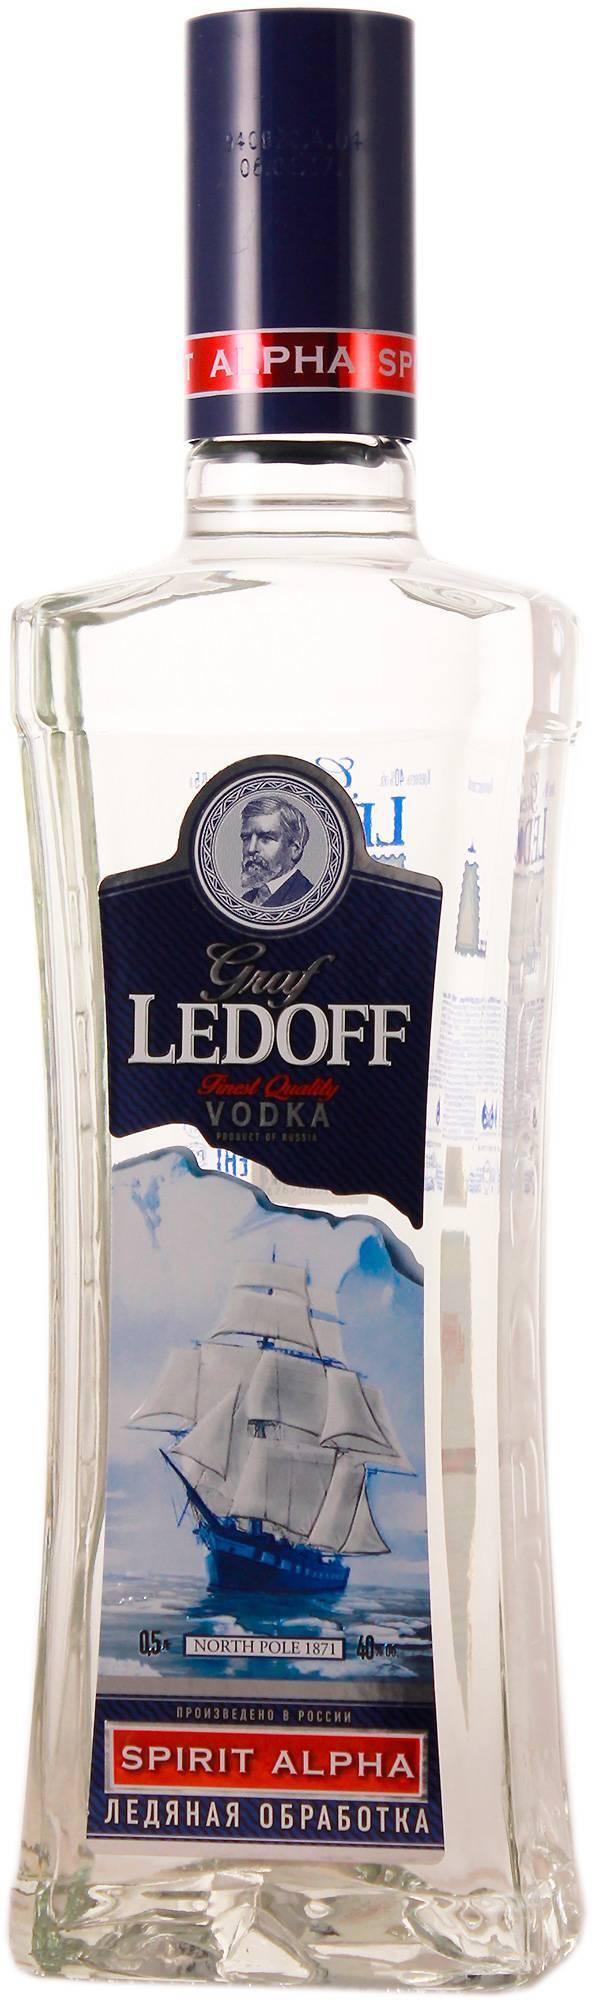 Водка «граф ледофф» (graf ledoff): краткое описание, состав, отзывы